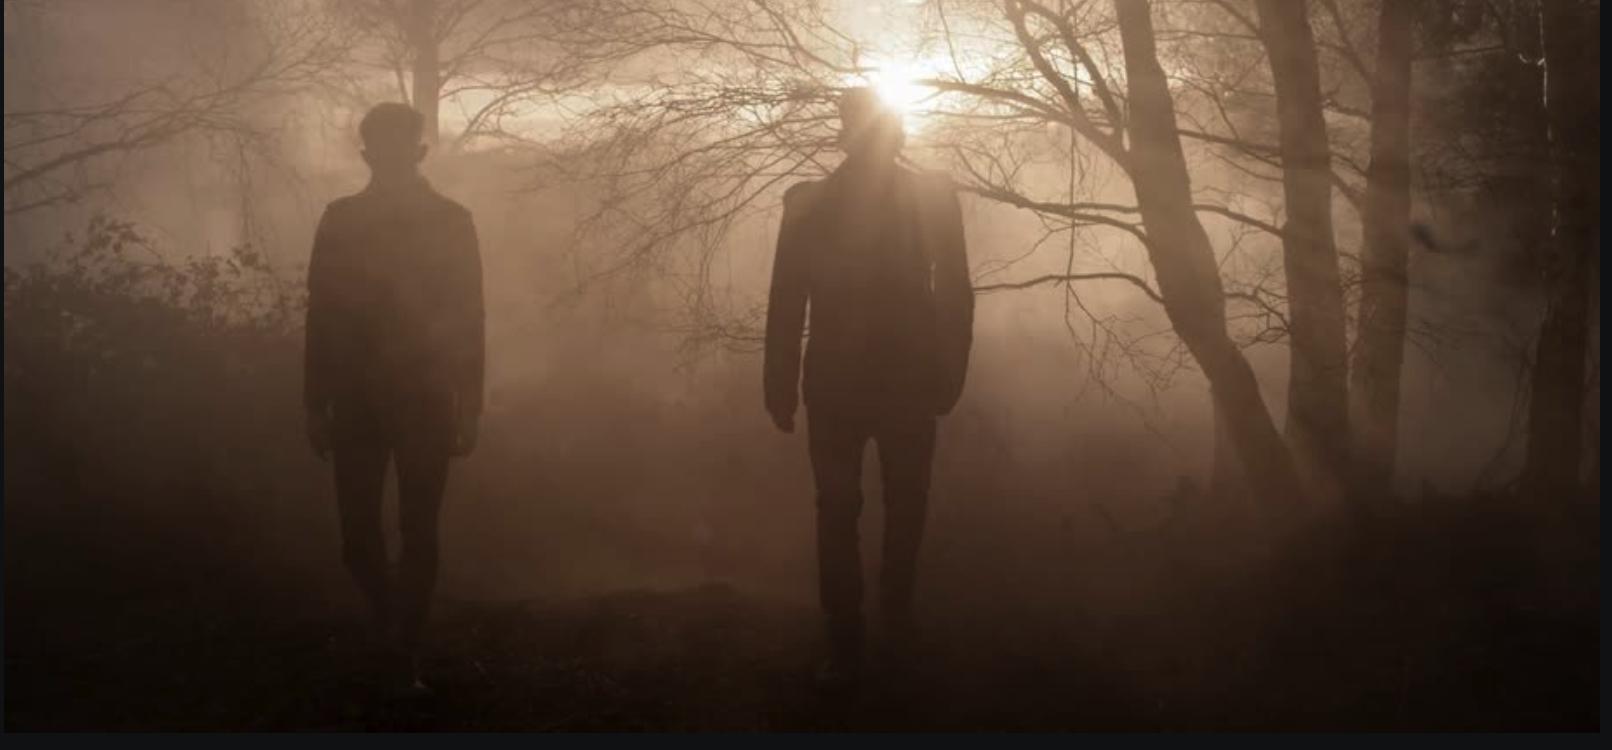 Two men in field foggy